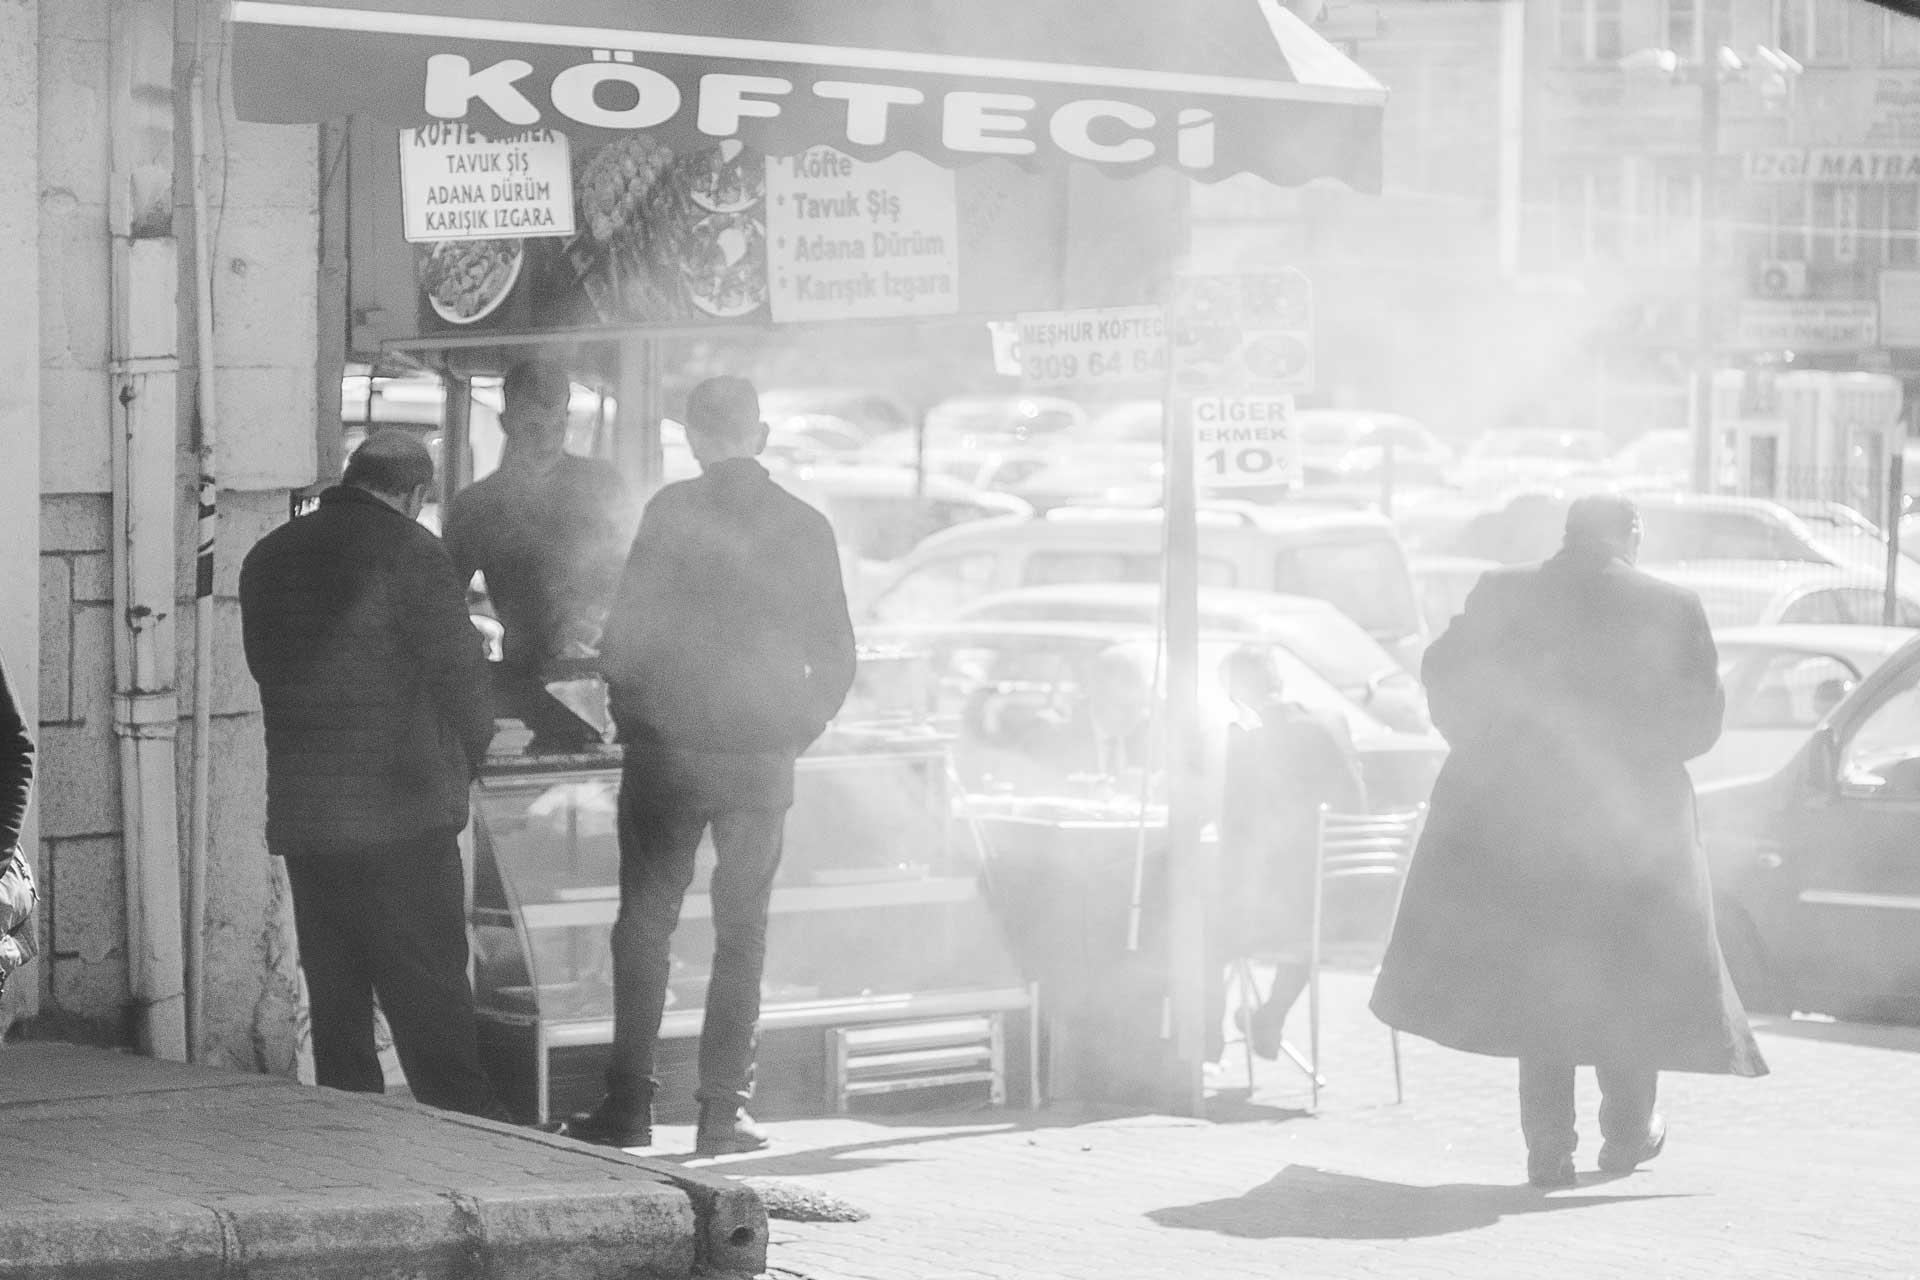 Köfteci Ankara Batıkent Metrosu Ankara Fotoğrafları Ankara Sokaklarından Resimler Gezgin Fotoğrafçı Çekergezer Hakan Aydın Ankara Fotoğrafları